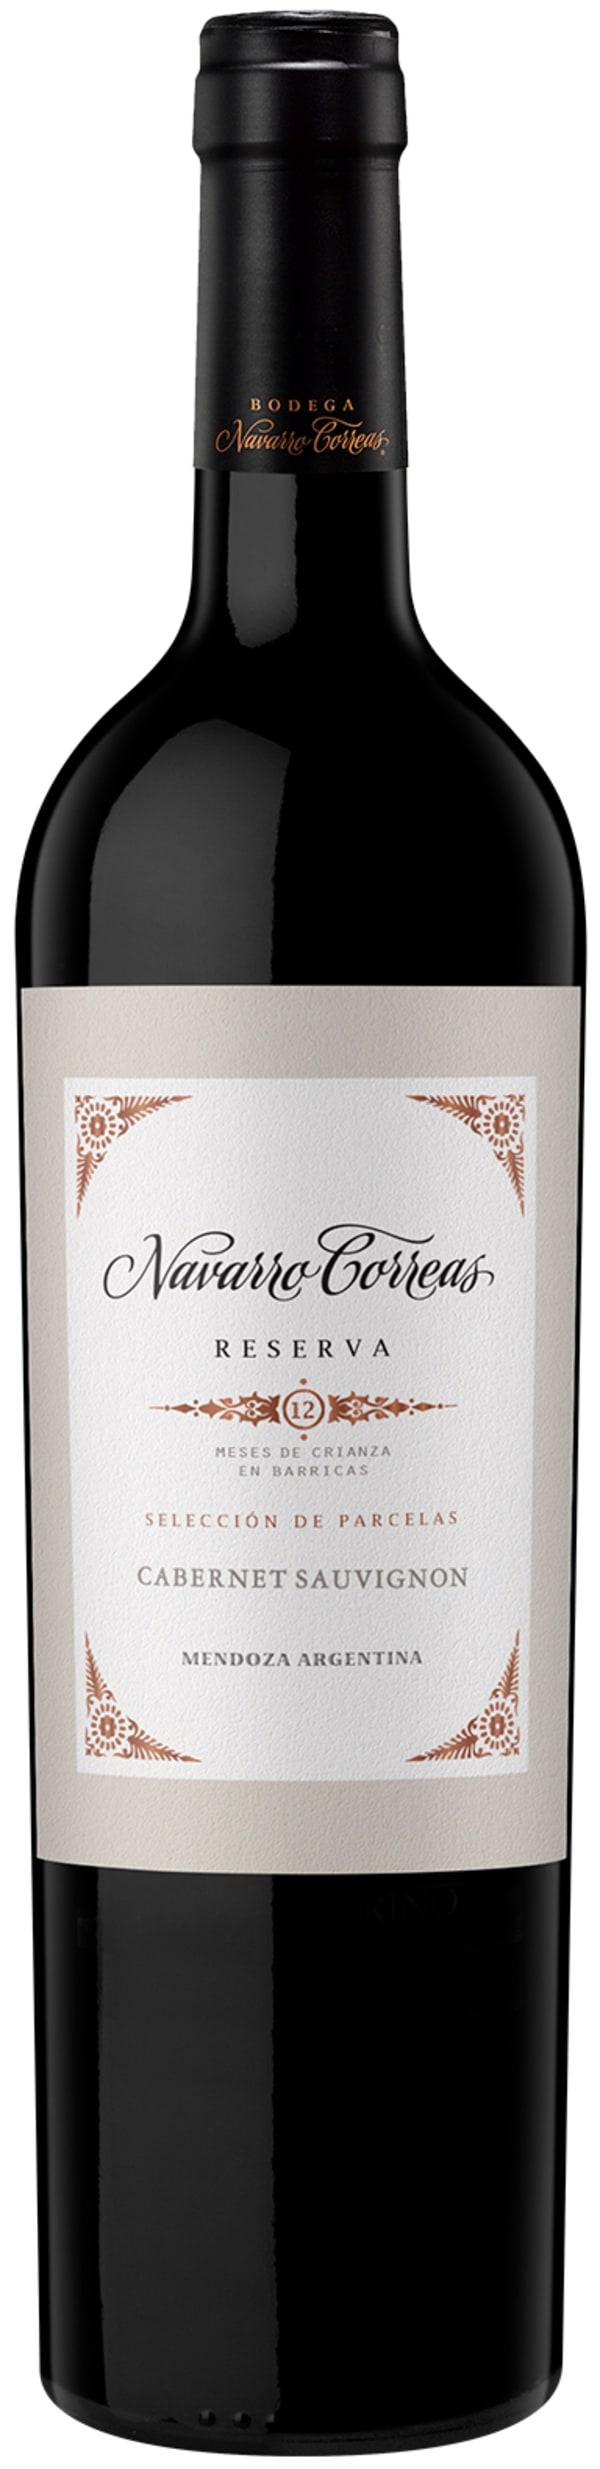 Navarro Correas Reserve Cabernet Sauvignon 2015